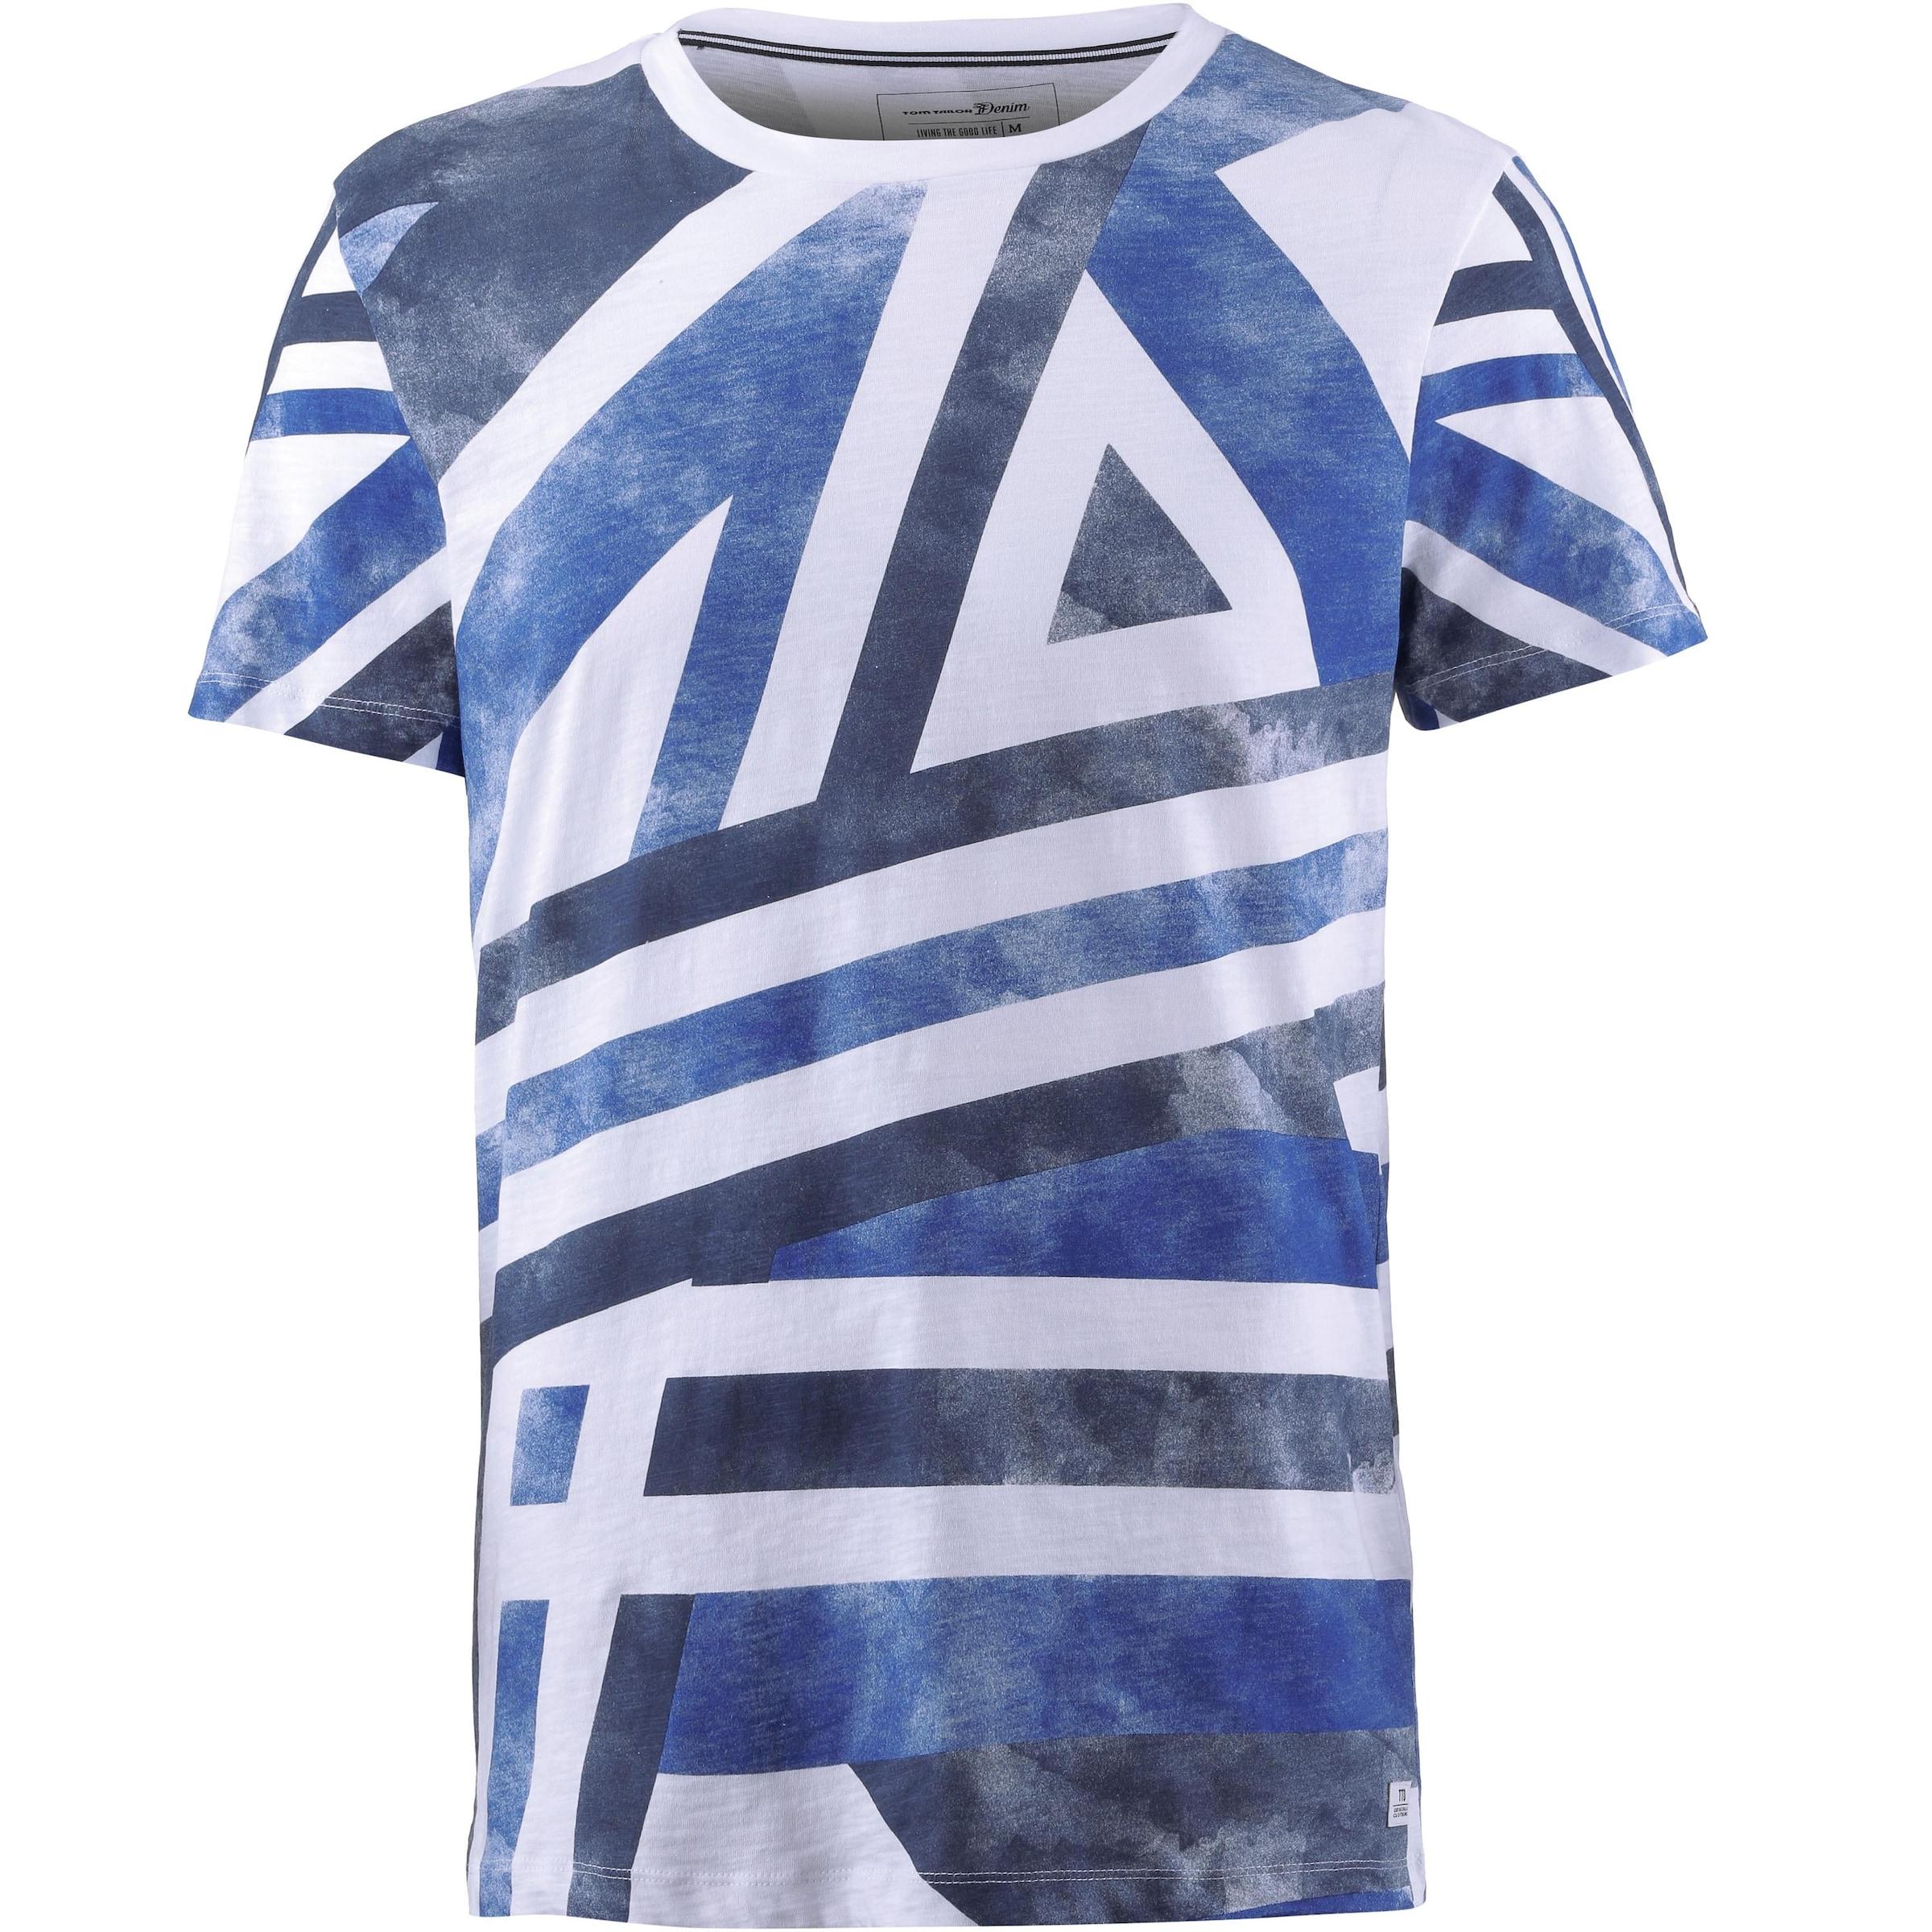 Freies Verschiffen Finden Große Rabatt Beste TOM TAILOR TOM TAILOR T-Shirt Herren UbxNN